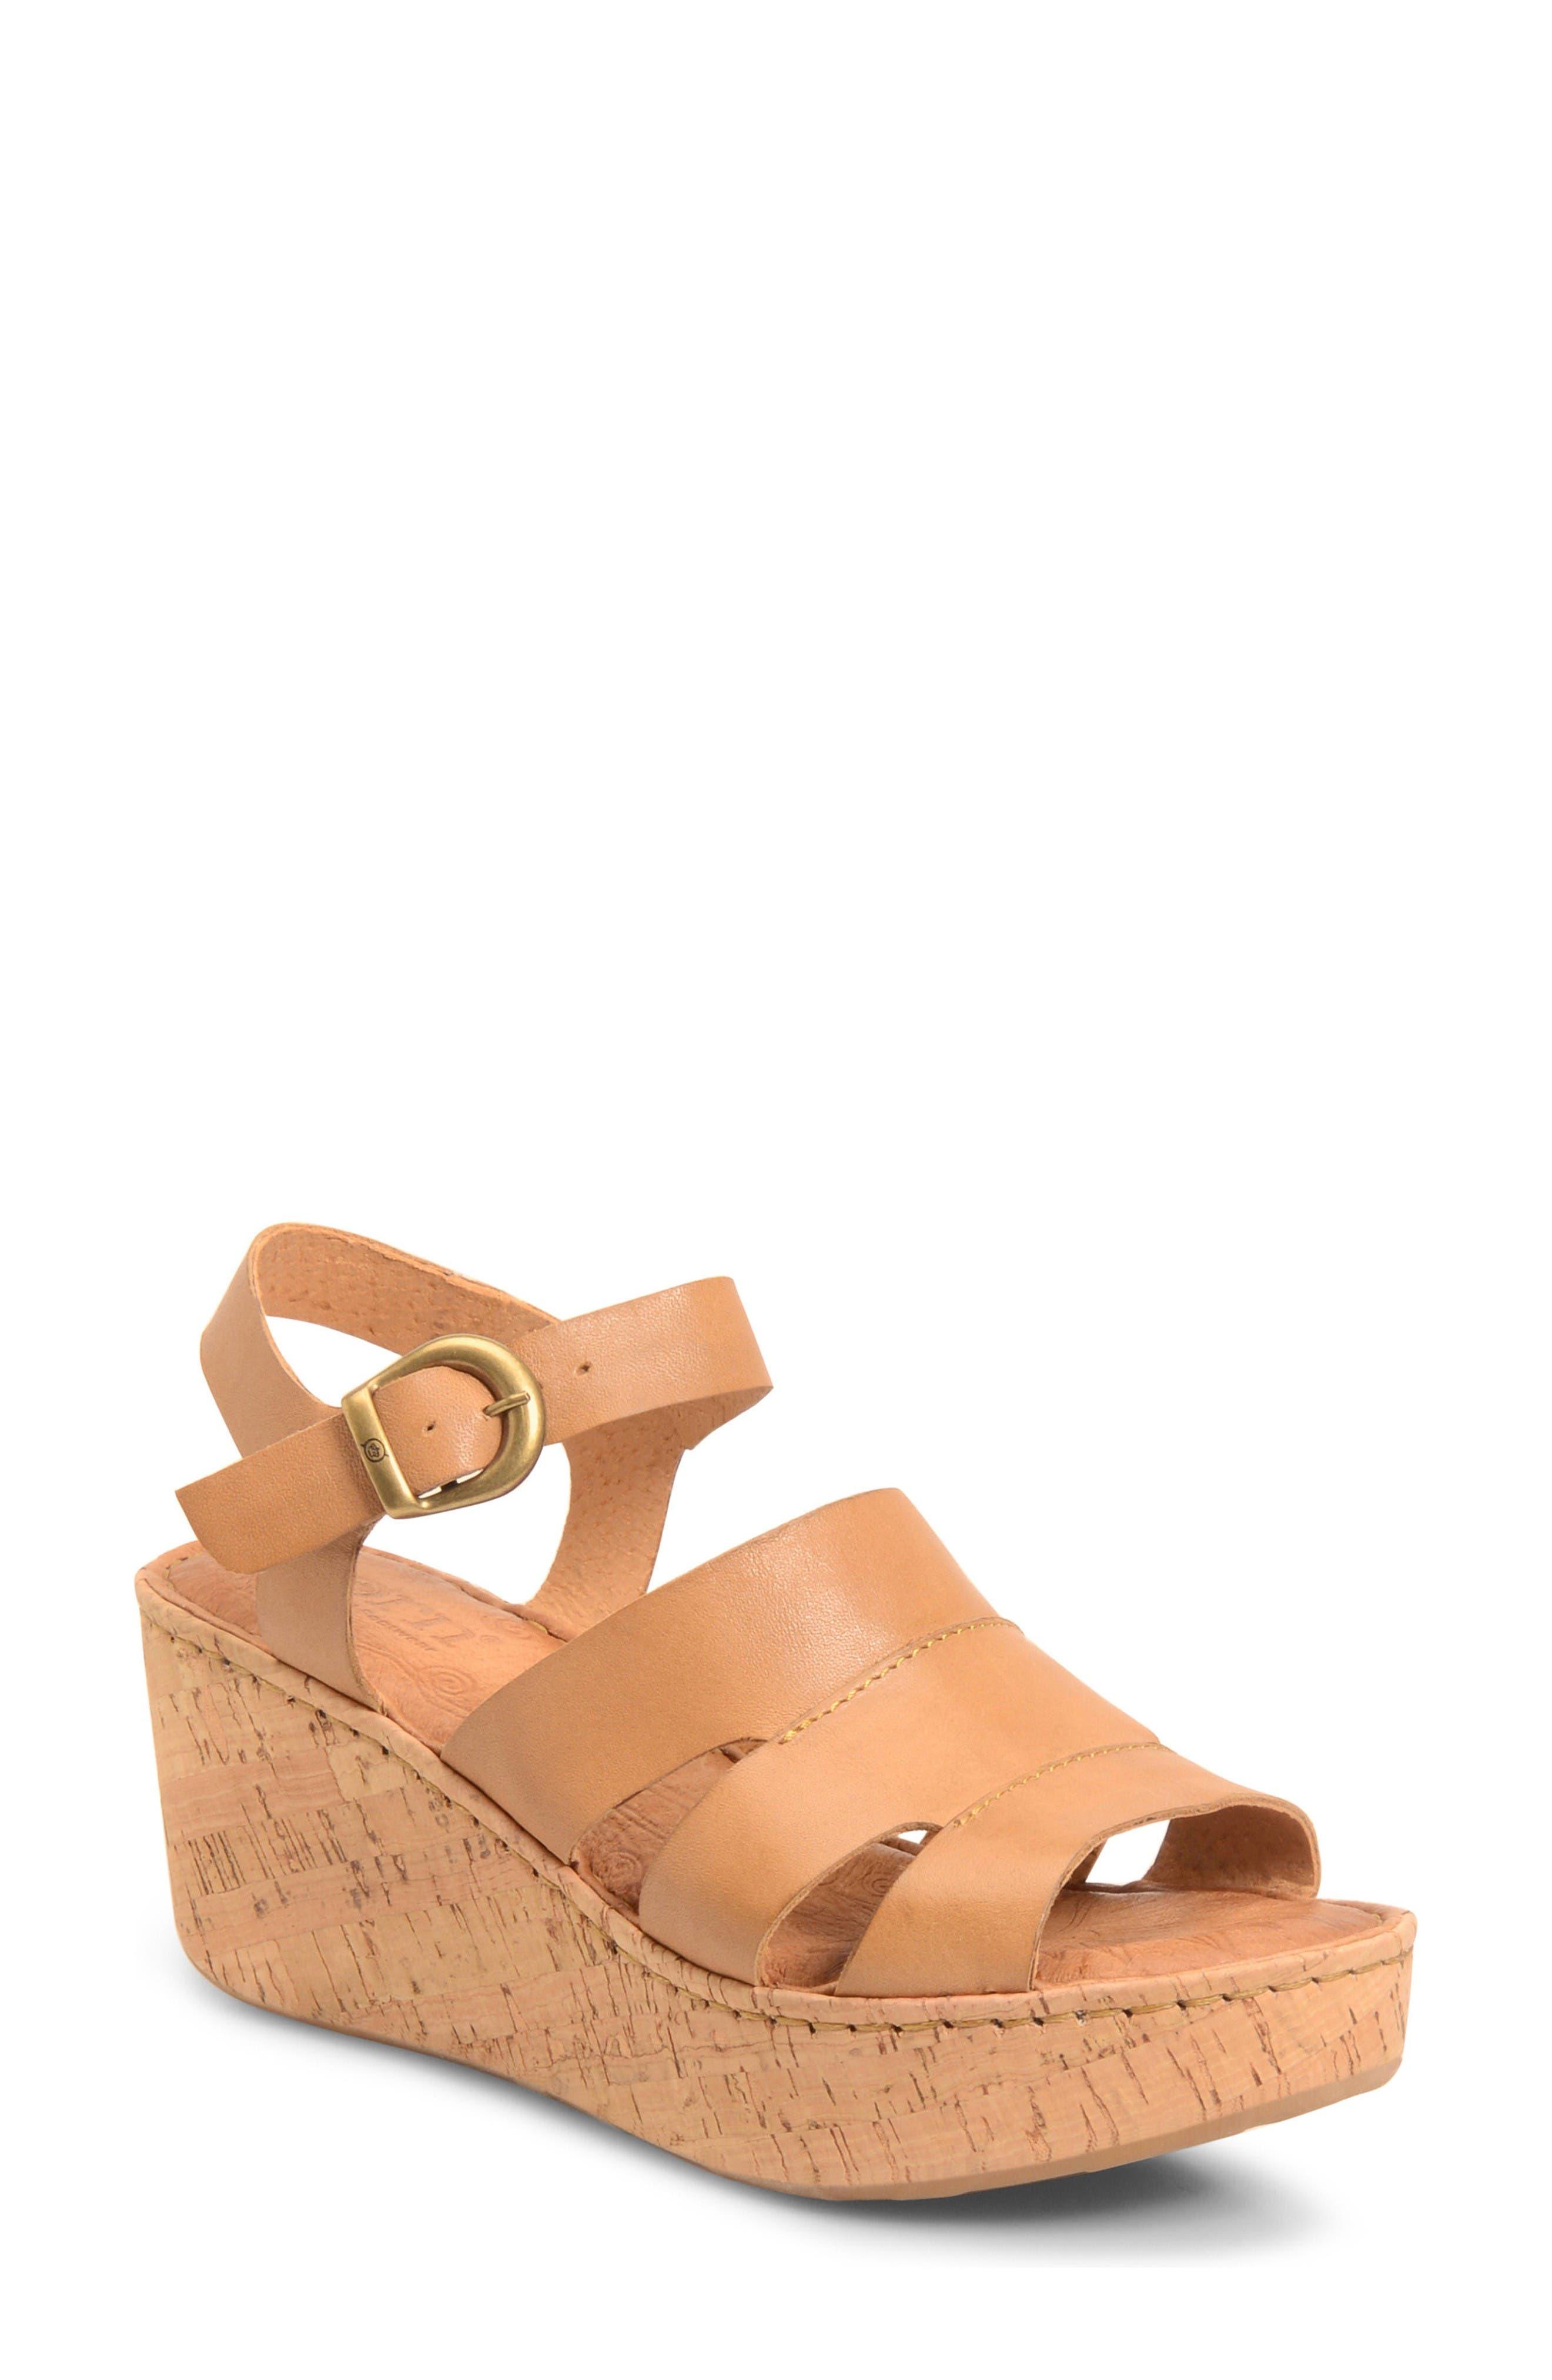 Børn Anori Platform Wedge Sandal (Women)